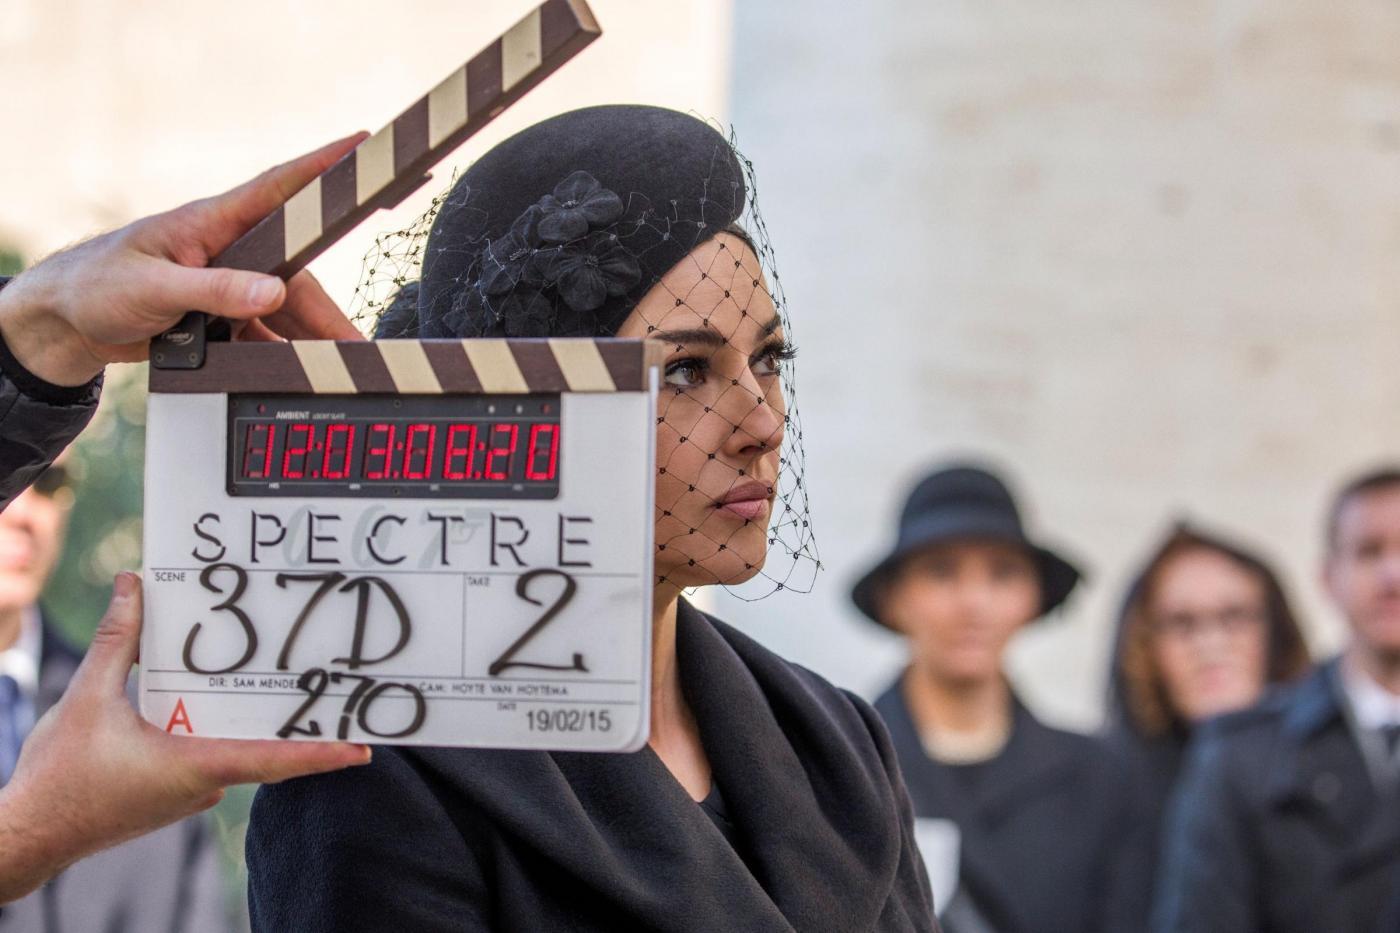 Monica Bellucci e Daniel Craig: l'attrice ha un flirt con James Bond di 007 Spectre?